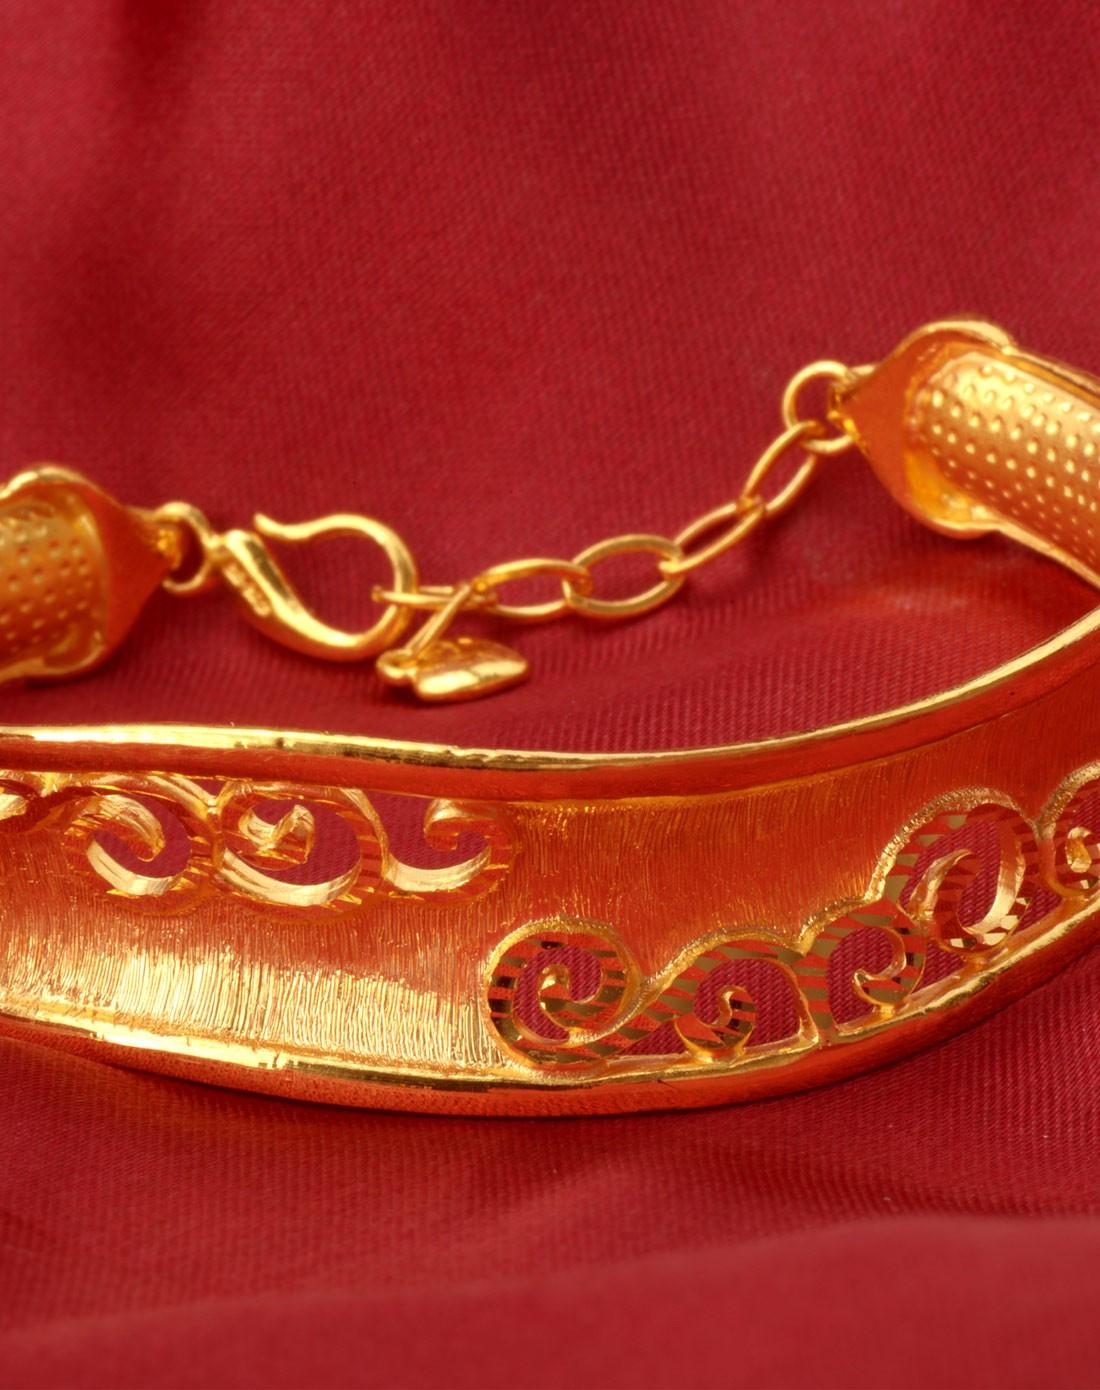 买的中国黄金,千足金h代表什么意思,谢谢